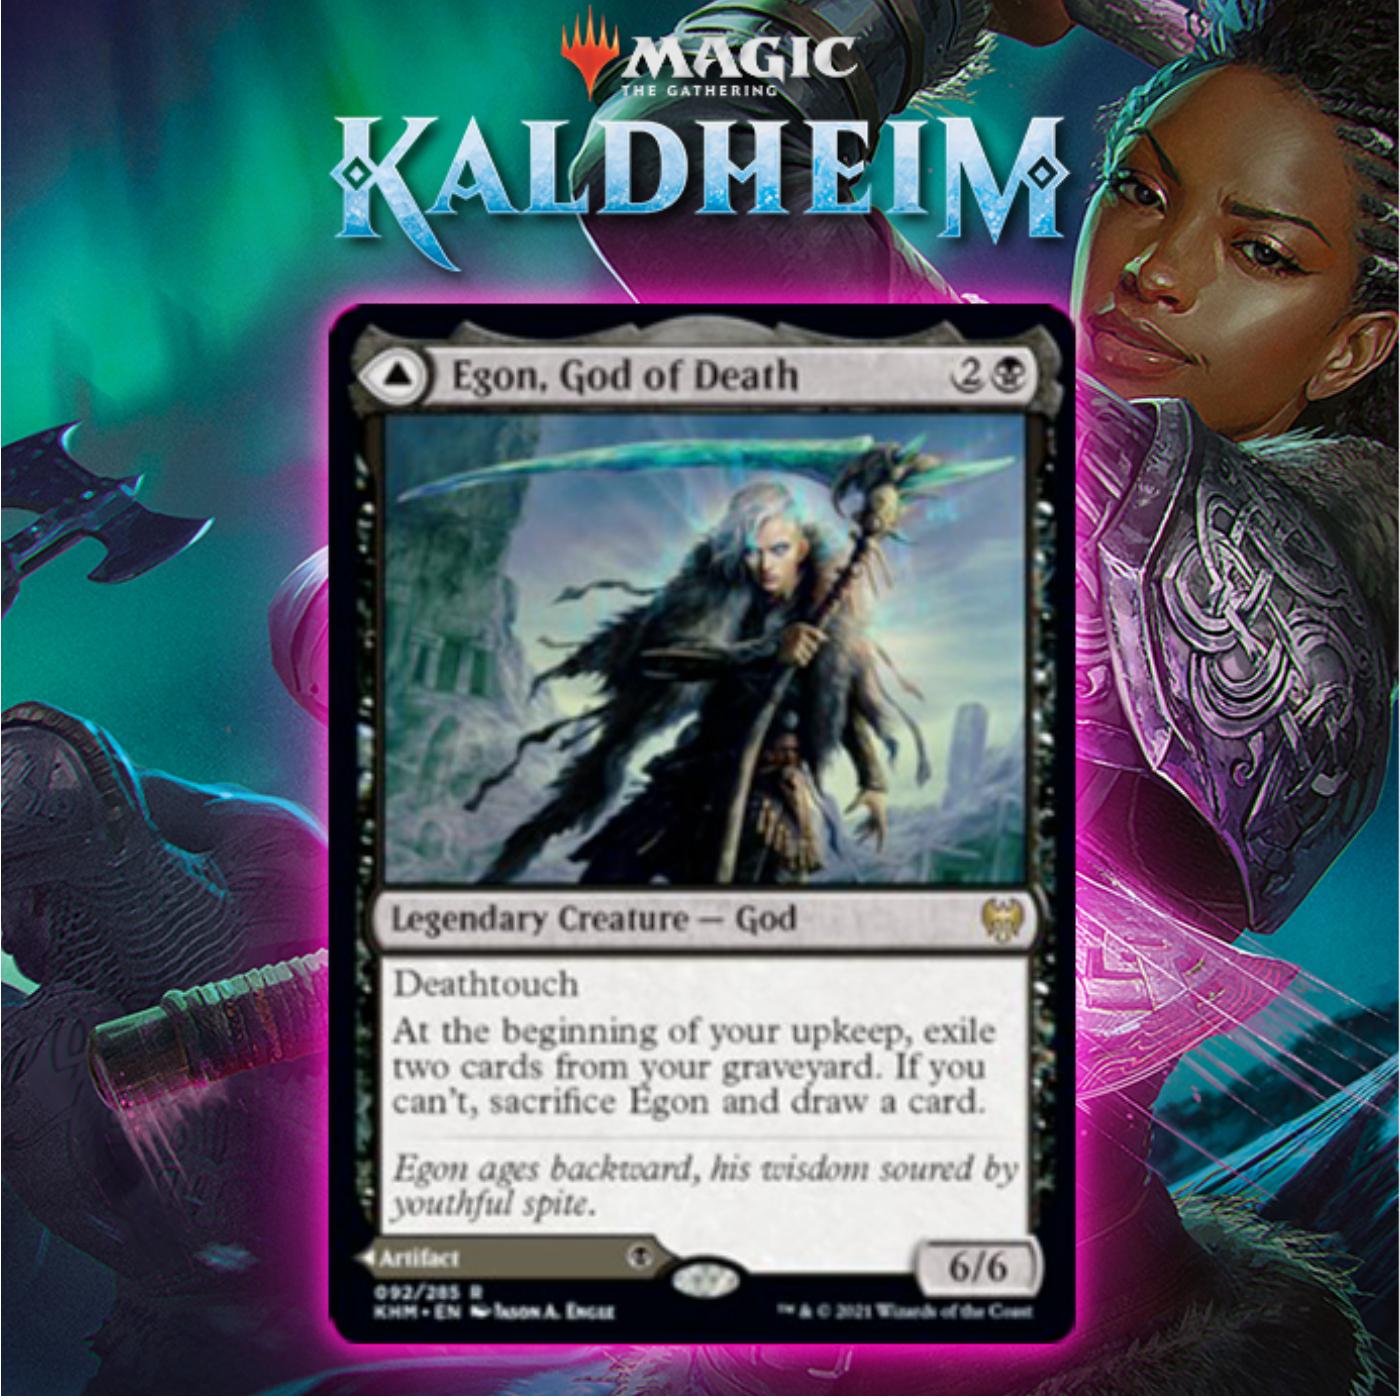 Black Gets Modal DFC God In Egon, God of Death In Kaldheim